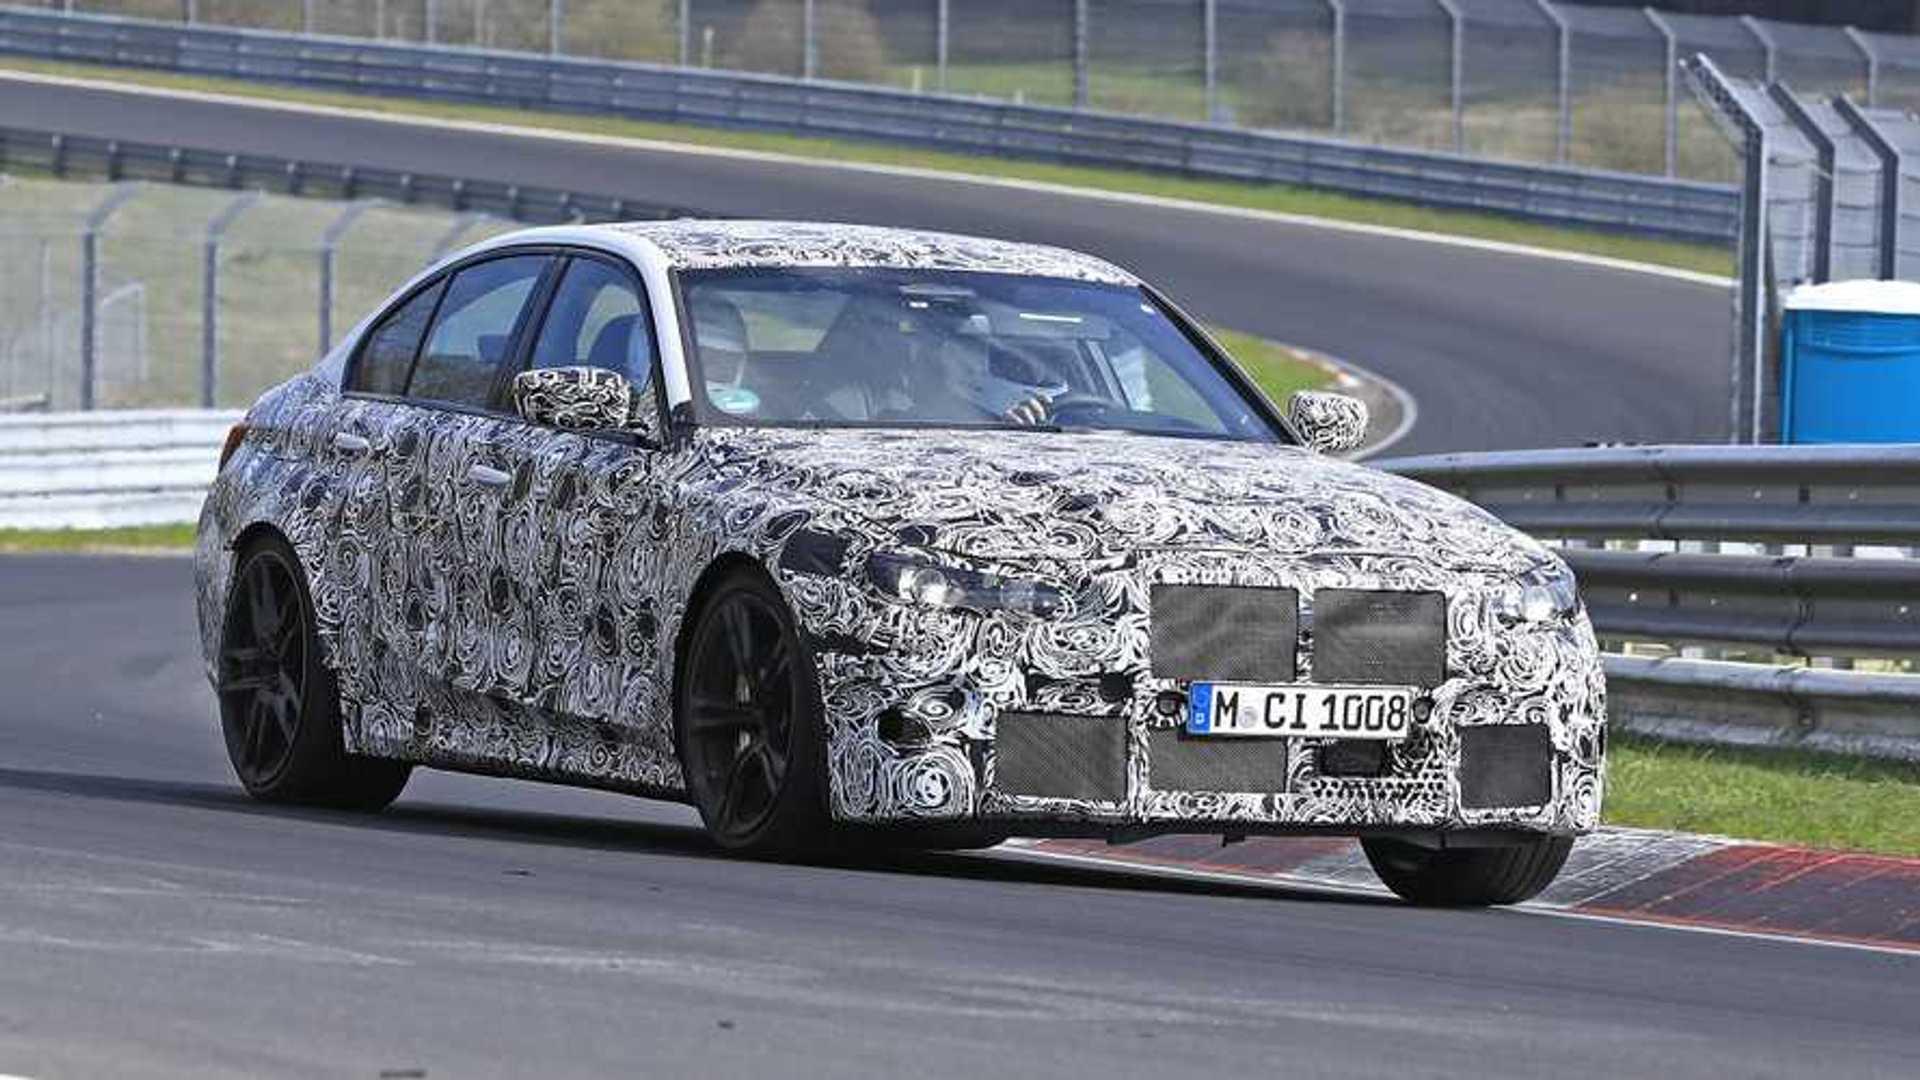 2020 Bmw M3 Spied Enjoying A Spring Jaunt At The Nurburgring